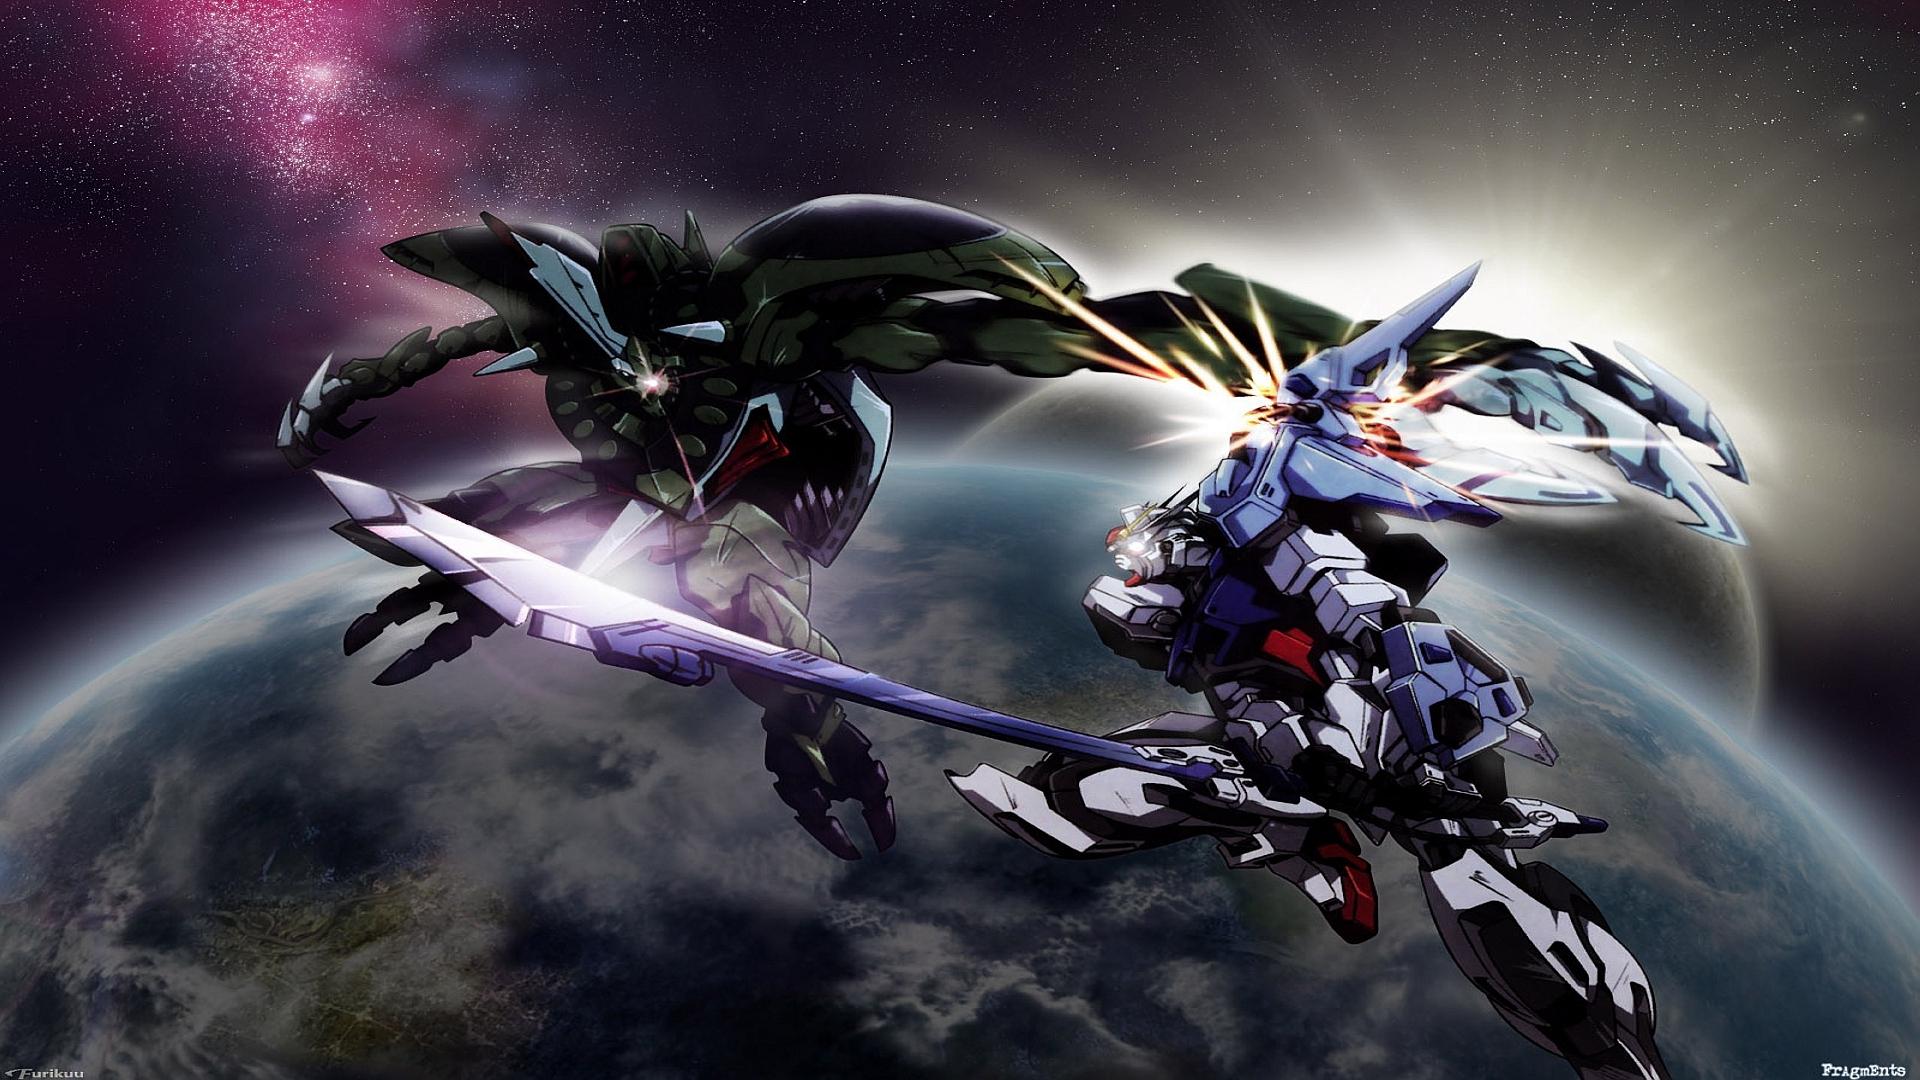 Gundam Seed Battle Wallpaper 1920x1080 Full HD Wallpapers 1920x1080